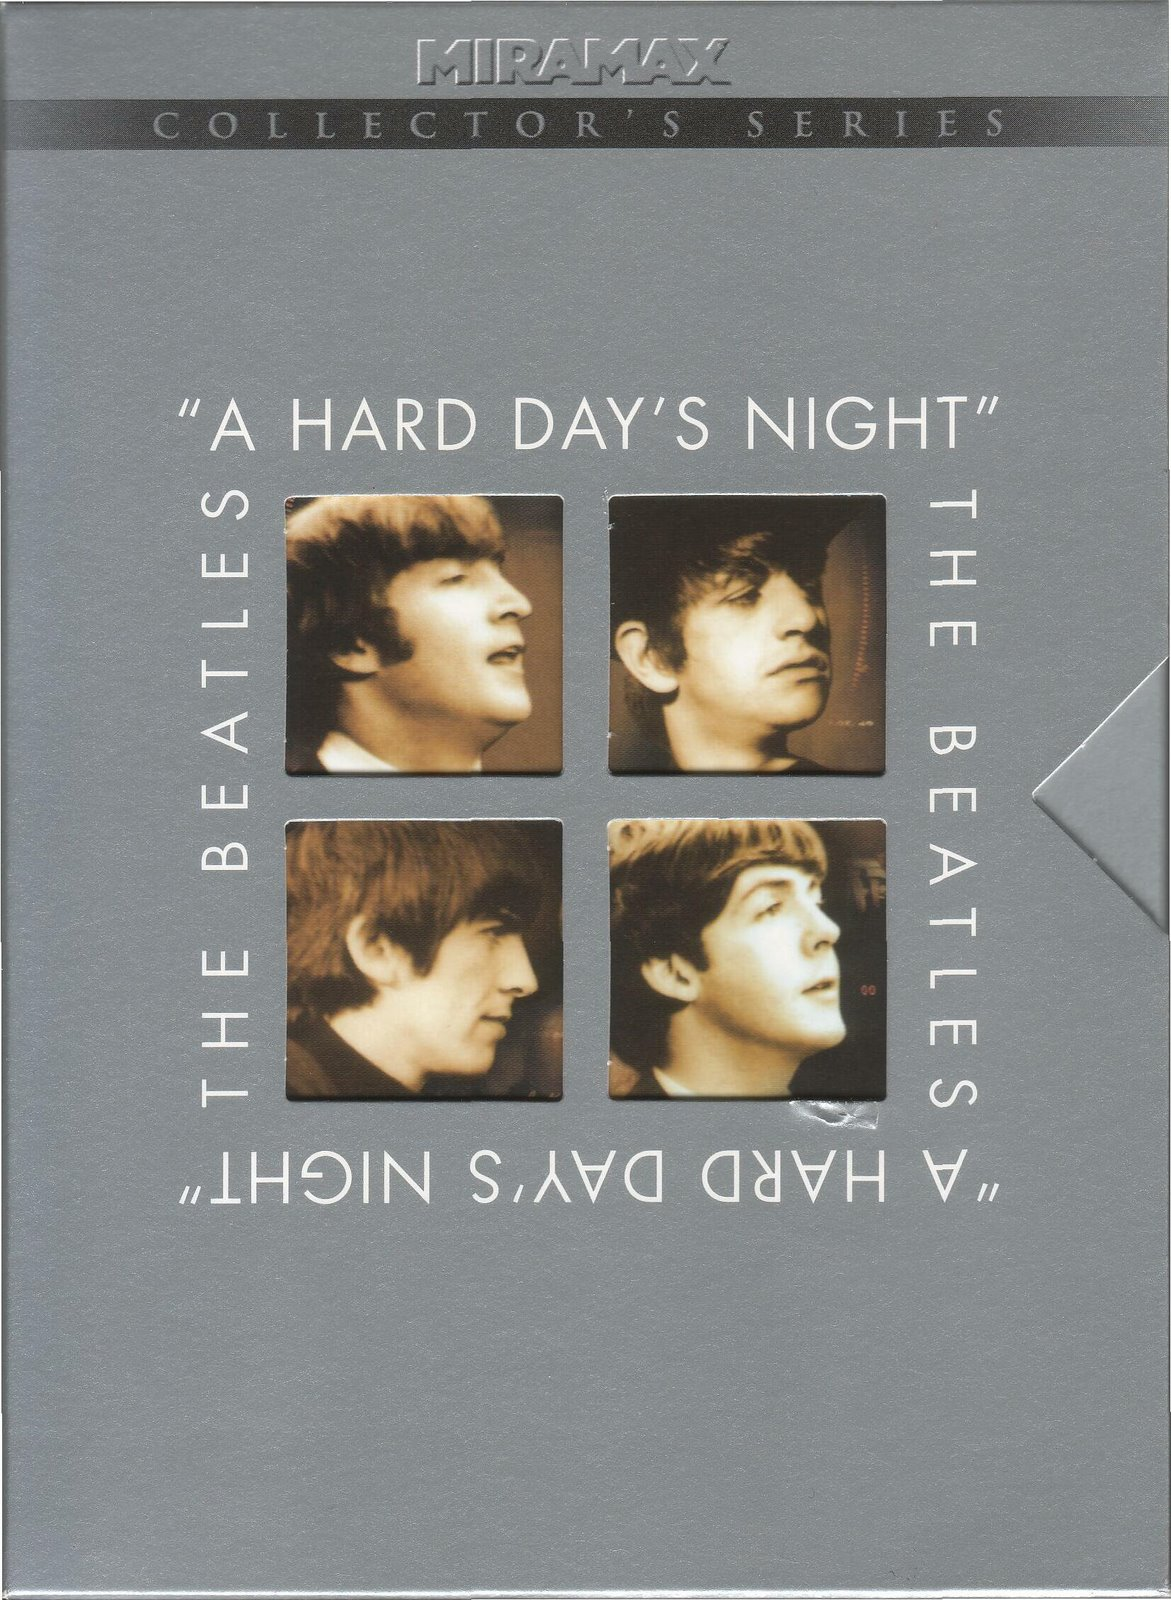 [A+Hard+Day]